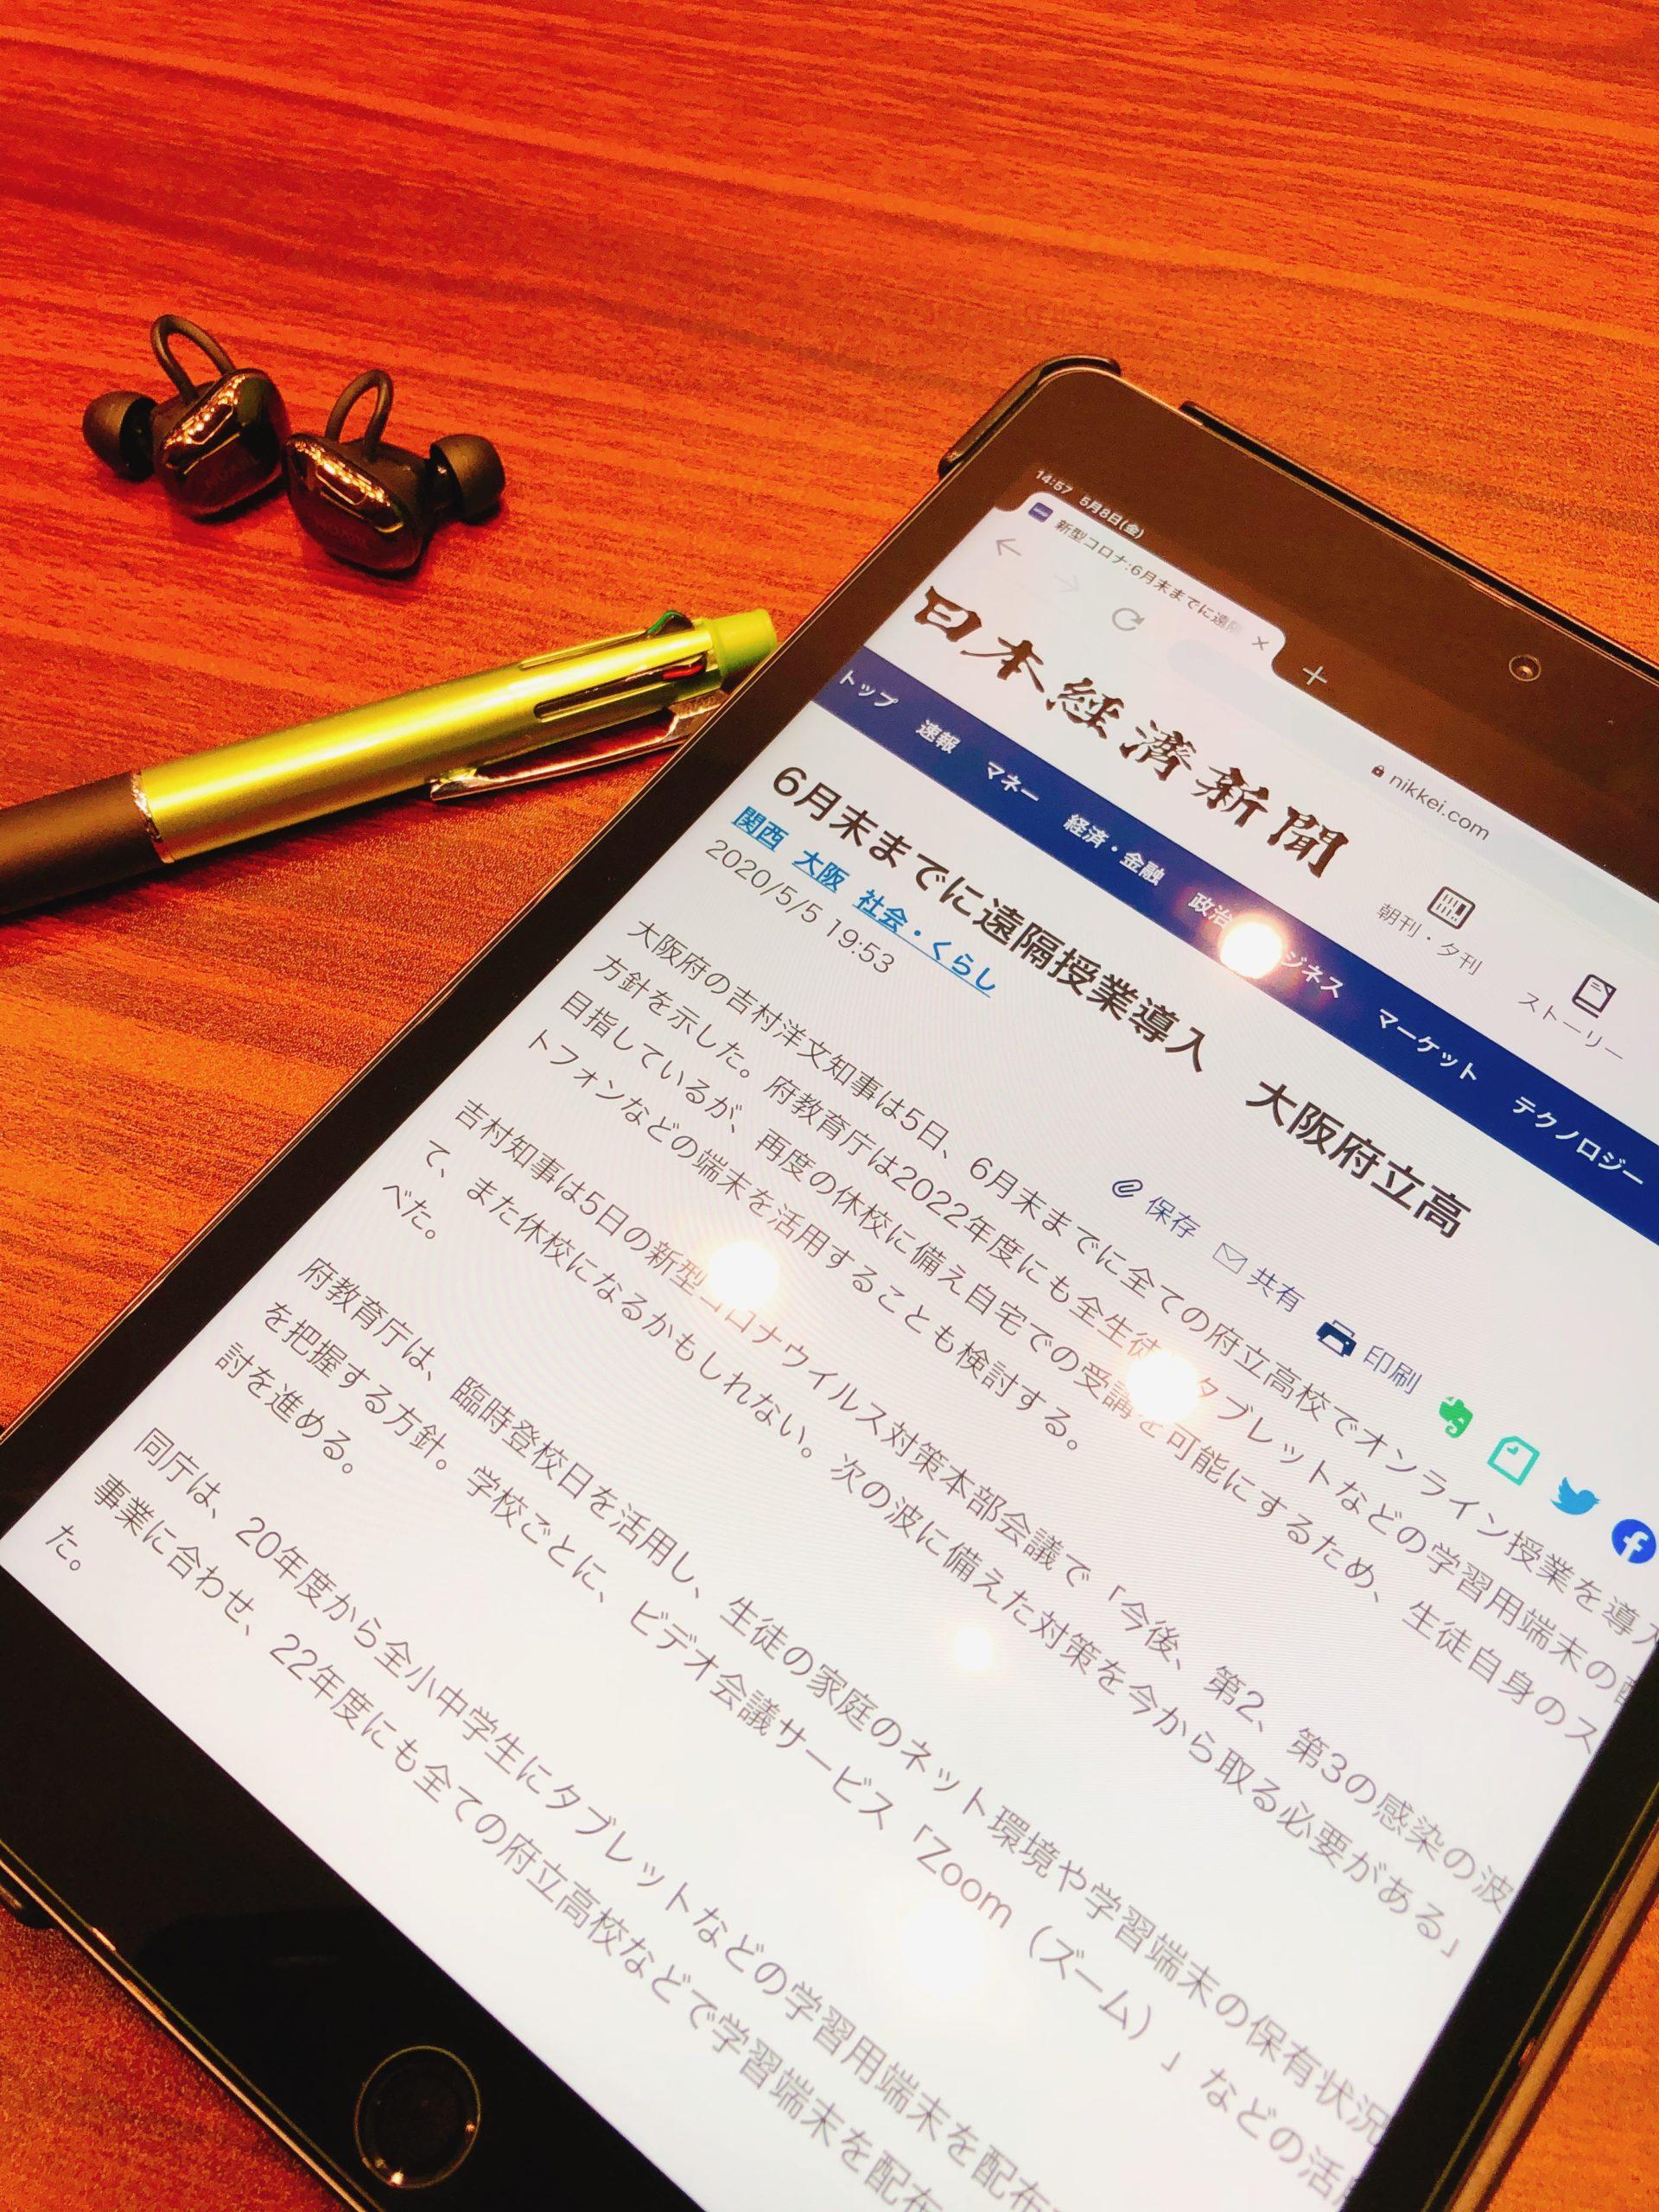 6月末までに遠隔授業を導入 大阪府立高校